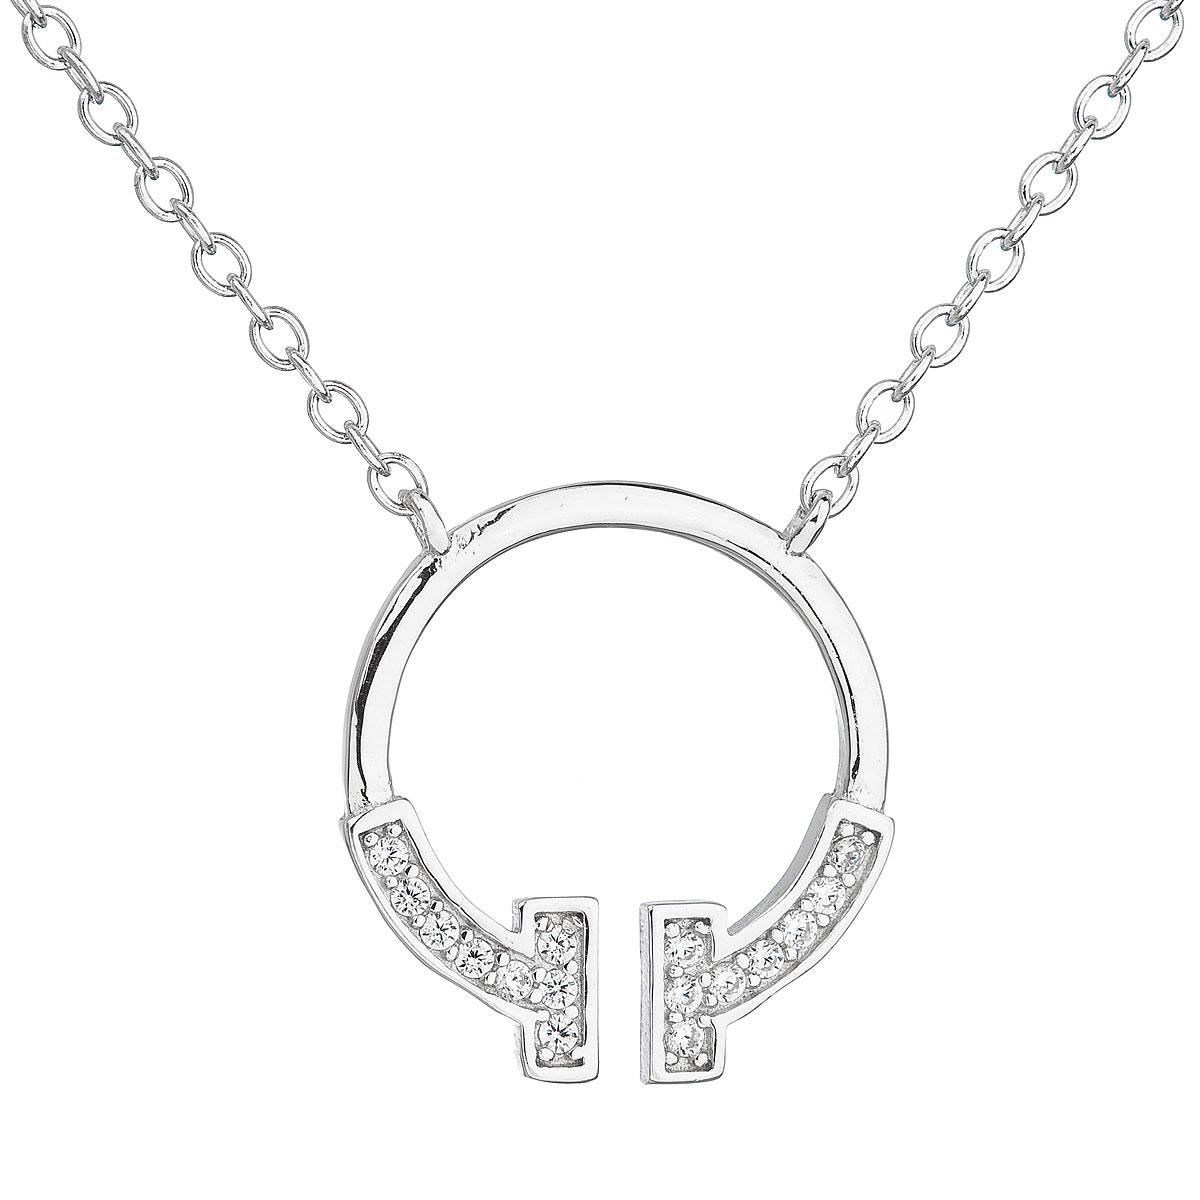 Stříbrný náhrdelník se zirkonem v bílé barvě 12040.1